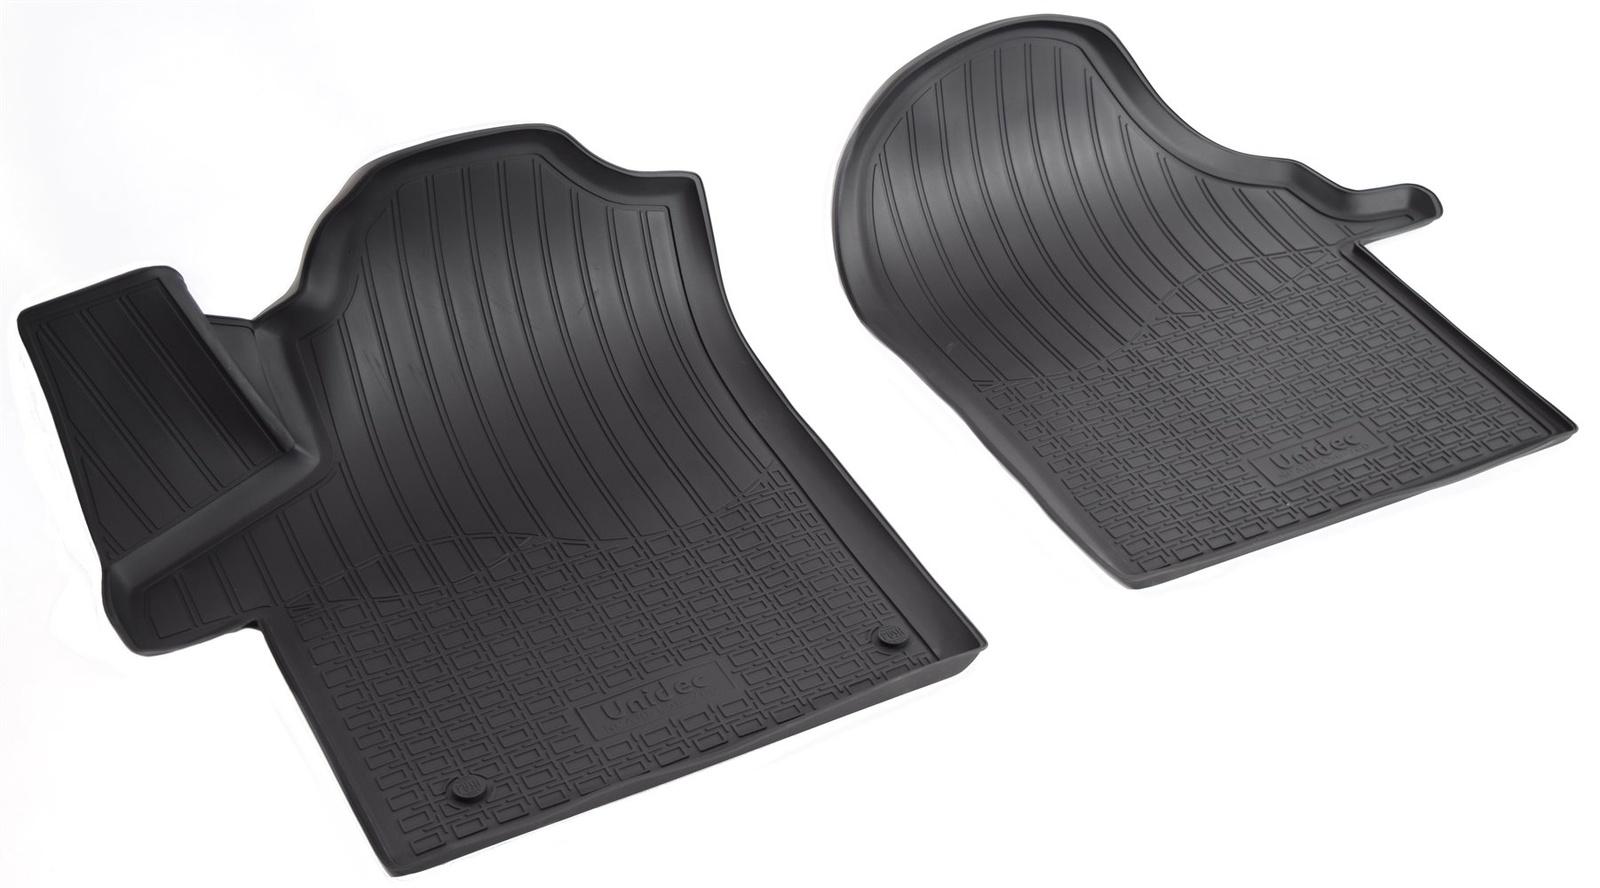 Коврики в салон автомобиля Norplast для Mercedes-Benz V (W447) 3D (2014), NPA10-C56-760, черный недорго, оригинальная цена